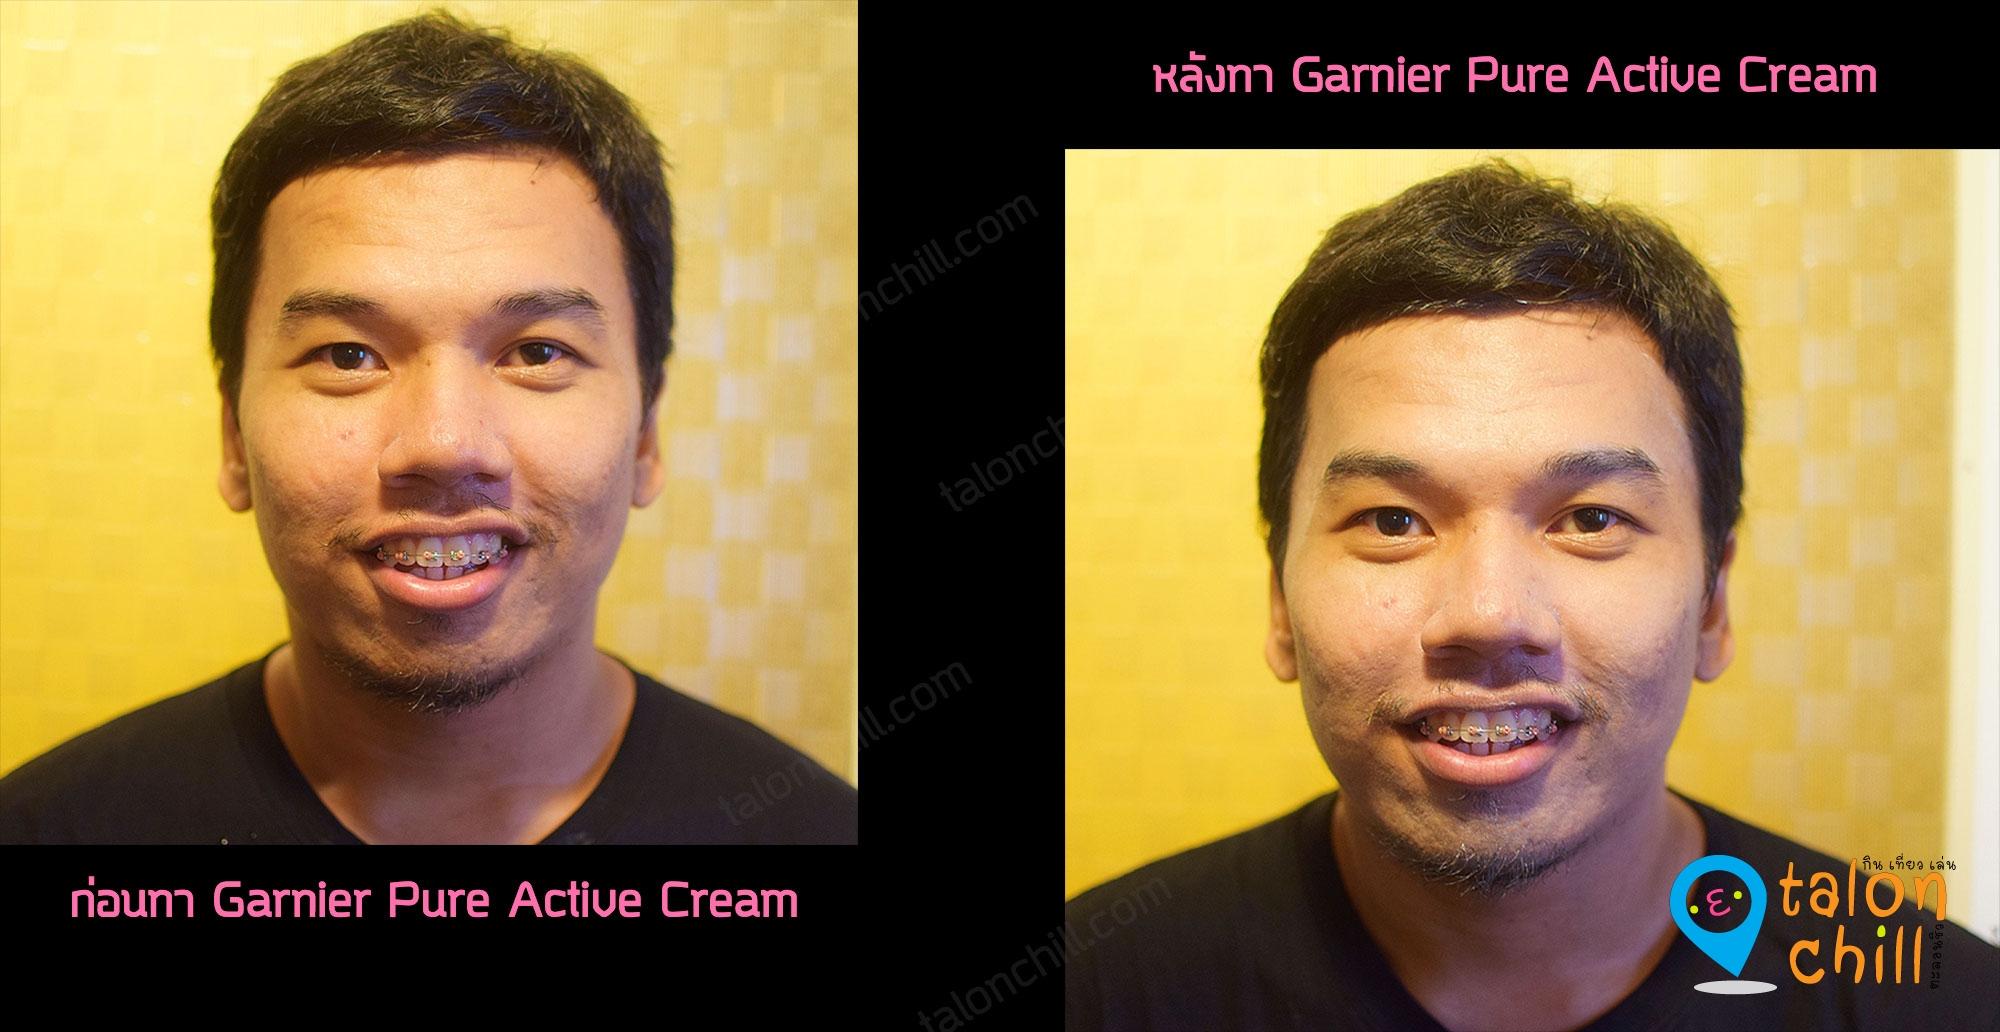 [แกะกล่อง] Set Garnier Pure Active Foam และ Garnier Pure Active Cream คู่หูผิวใสไกลสิวใน 7 วัน